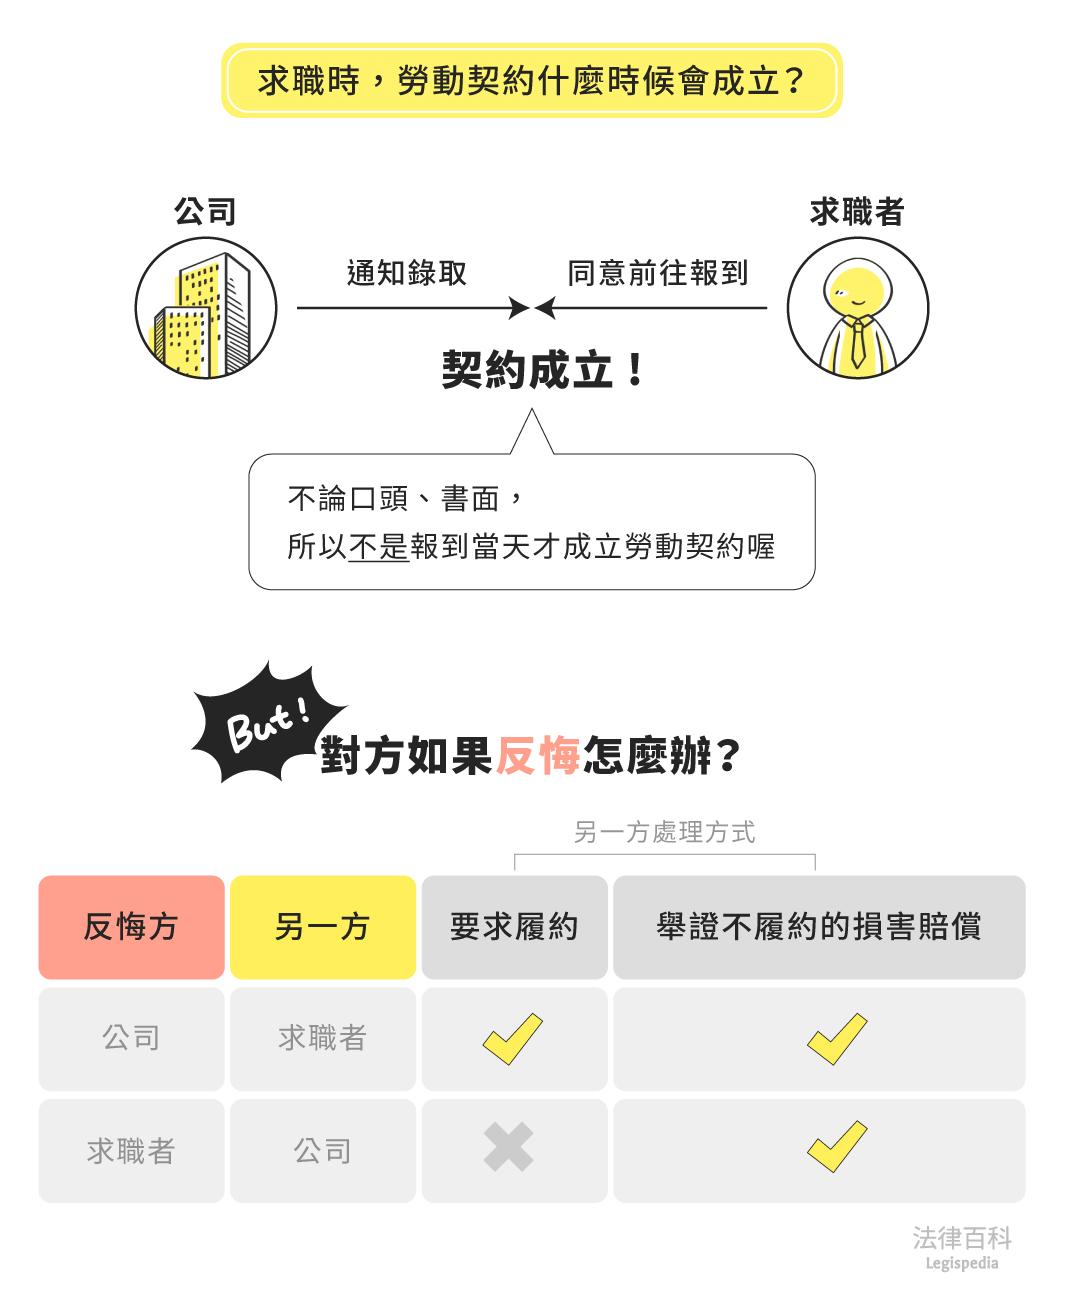 圖1 求職時,勞動契約什麼時候會成立?<br> 資料來源:謝宜霓 / 繪圖:Yen